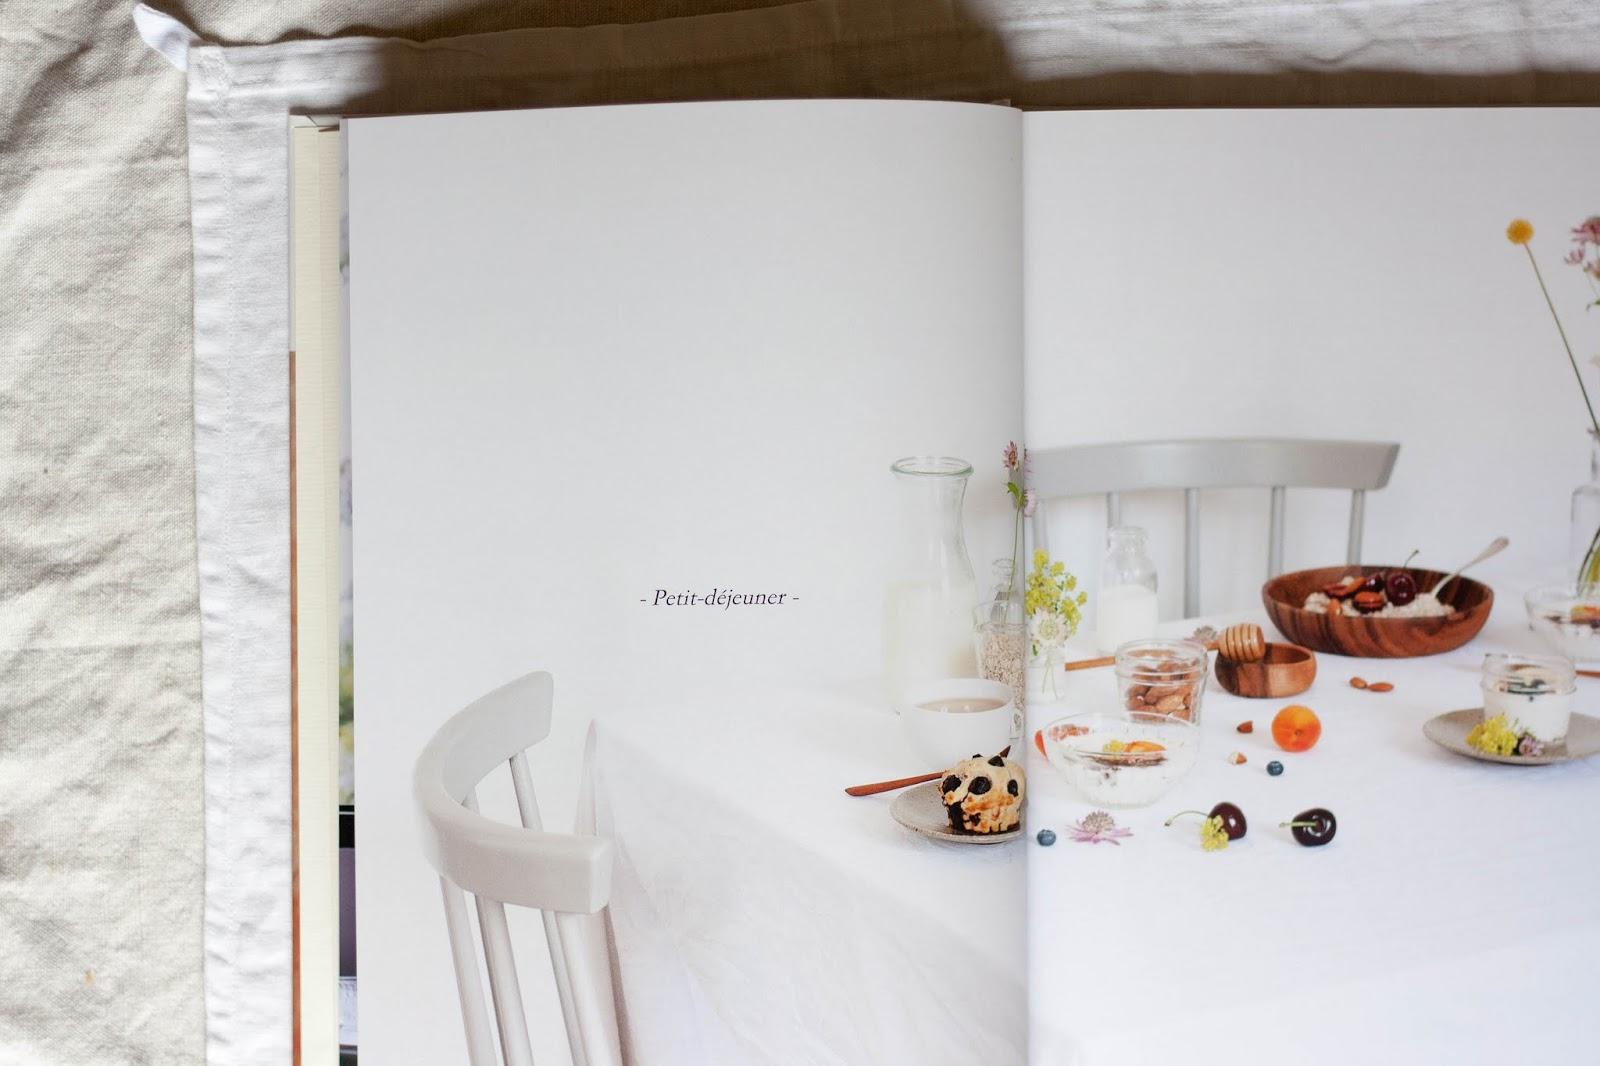 pour se souvenir cr er son livre de recettes ophelie 39 s kitchen book. Black Bedroom Furniture Sets. Home Design Ideas